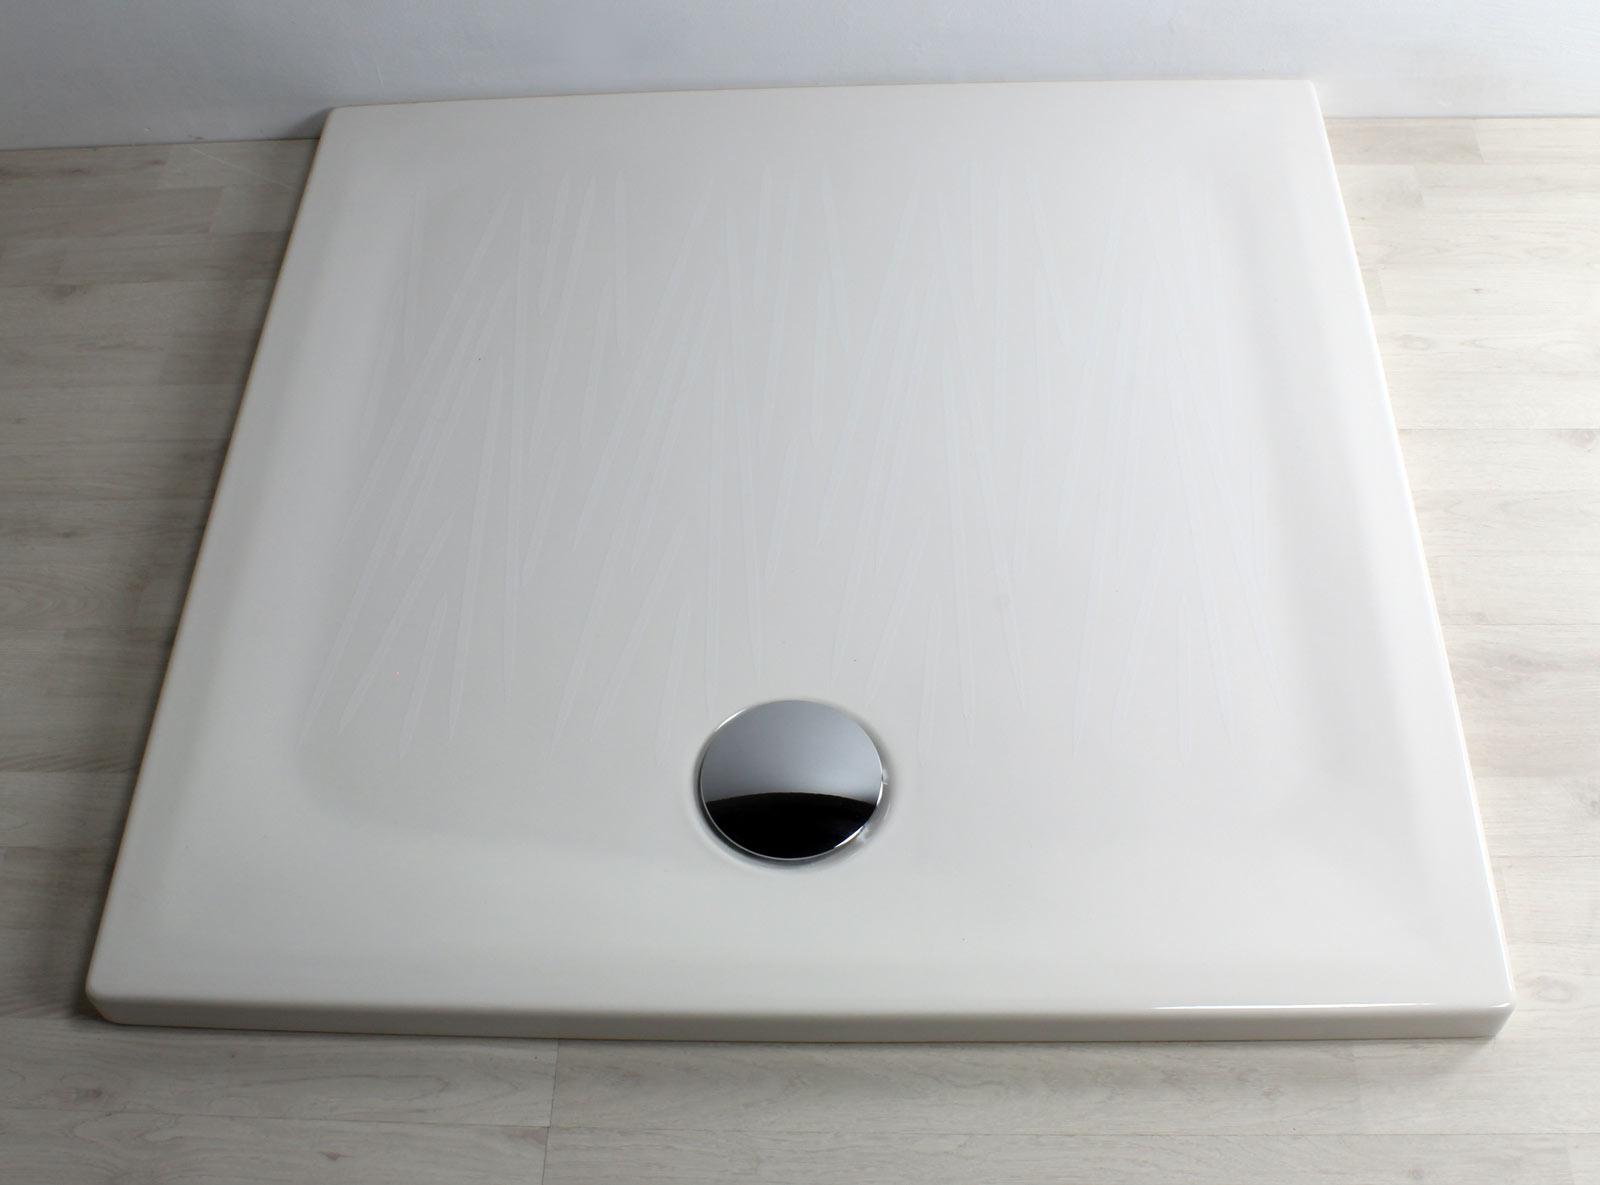 Piatto doccia filo 90x90 pergamon - Piatto doccia a filo ...